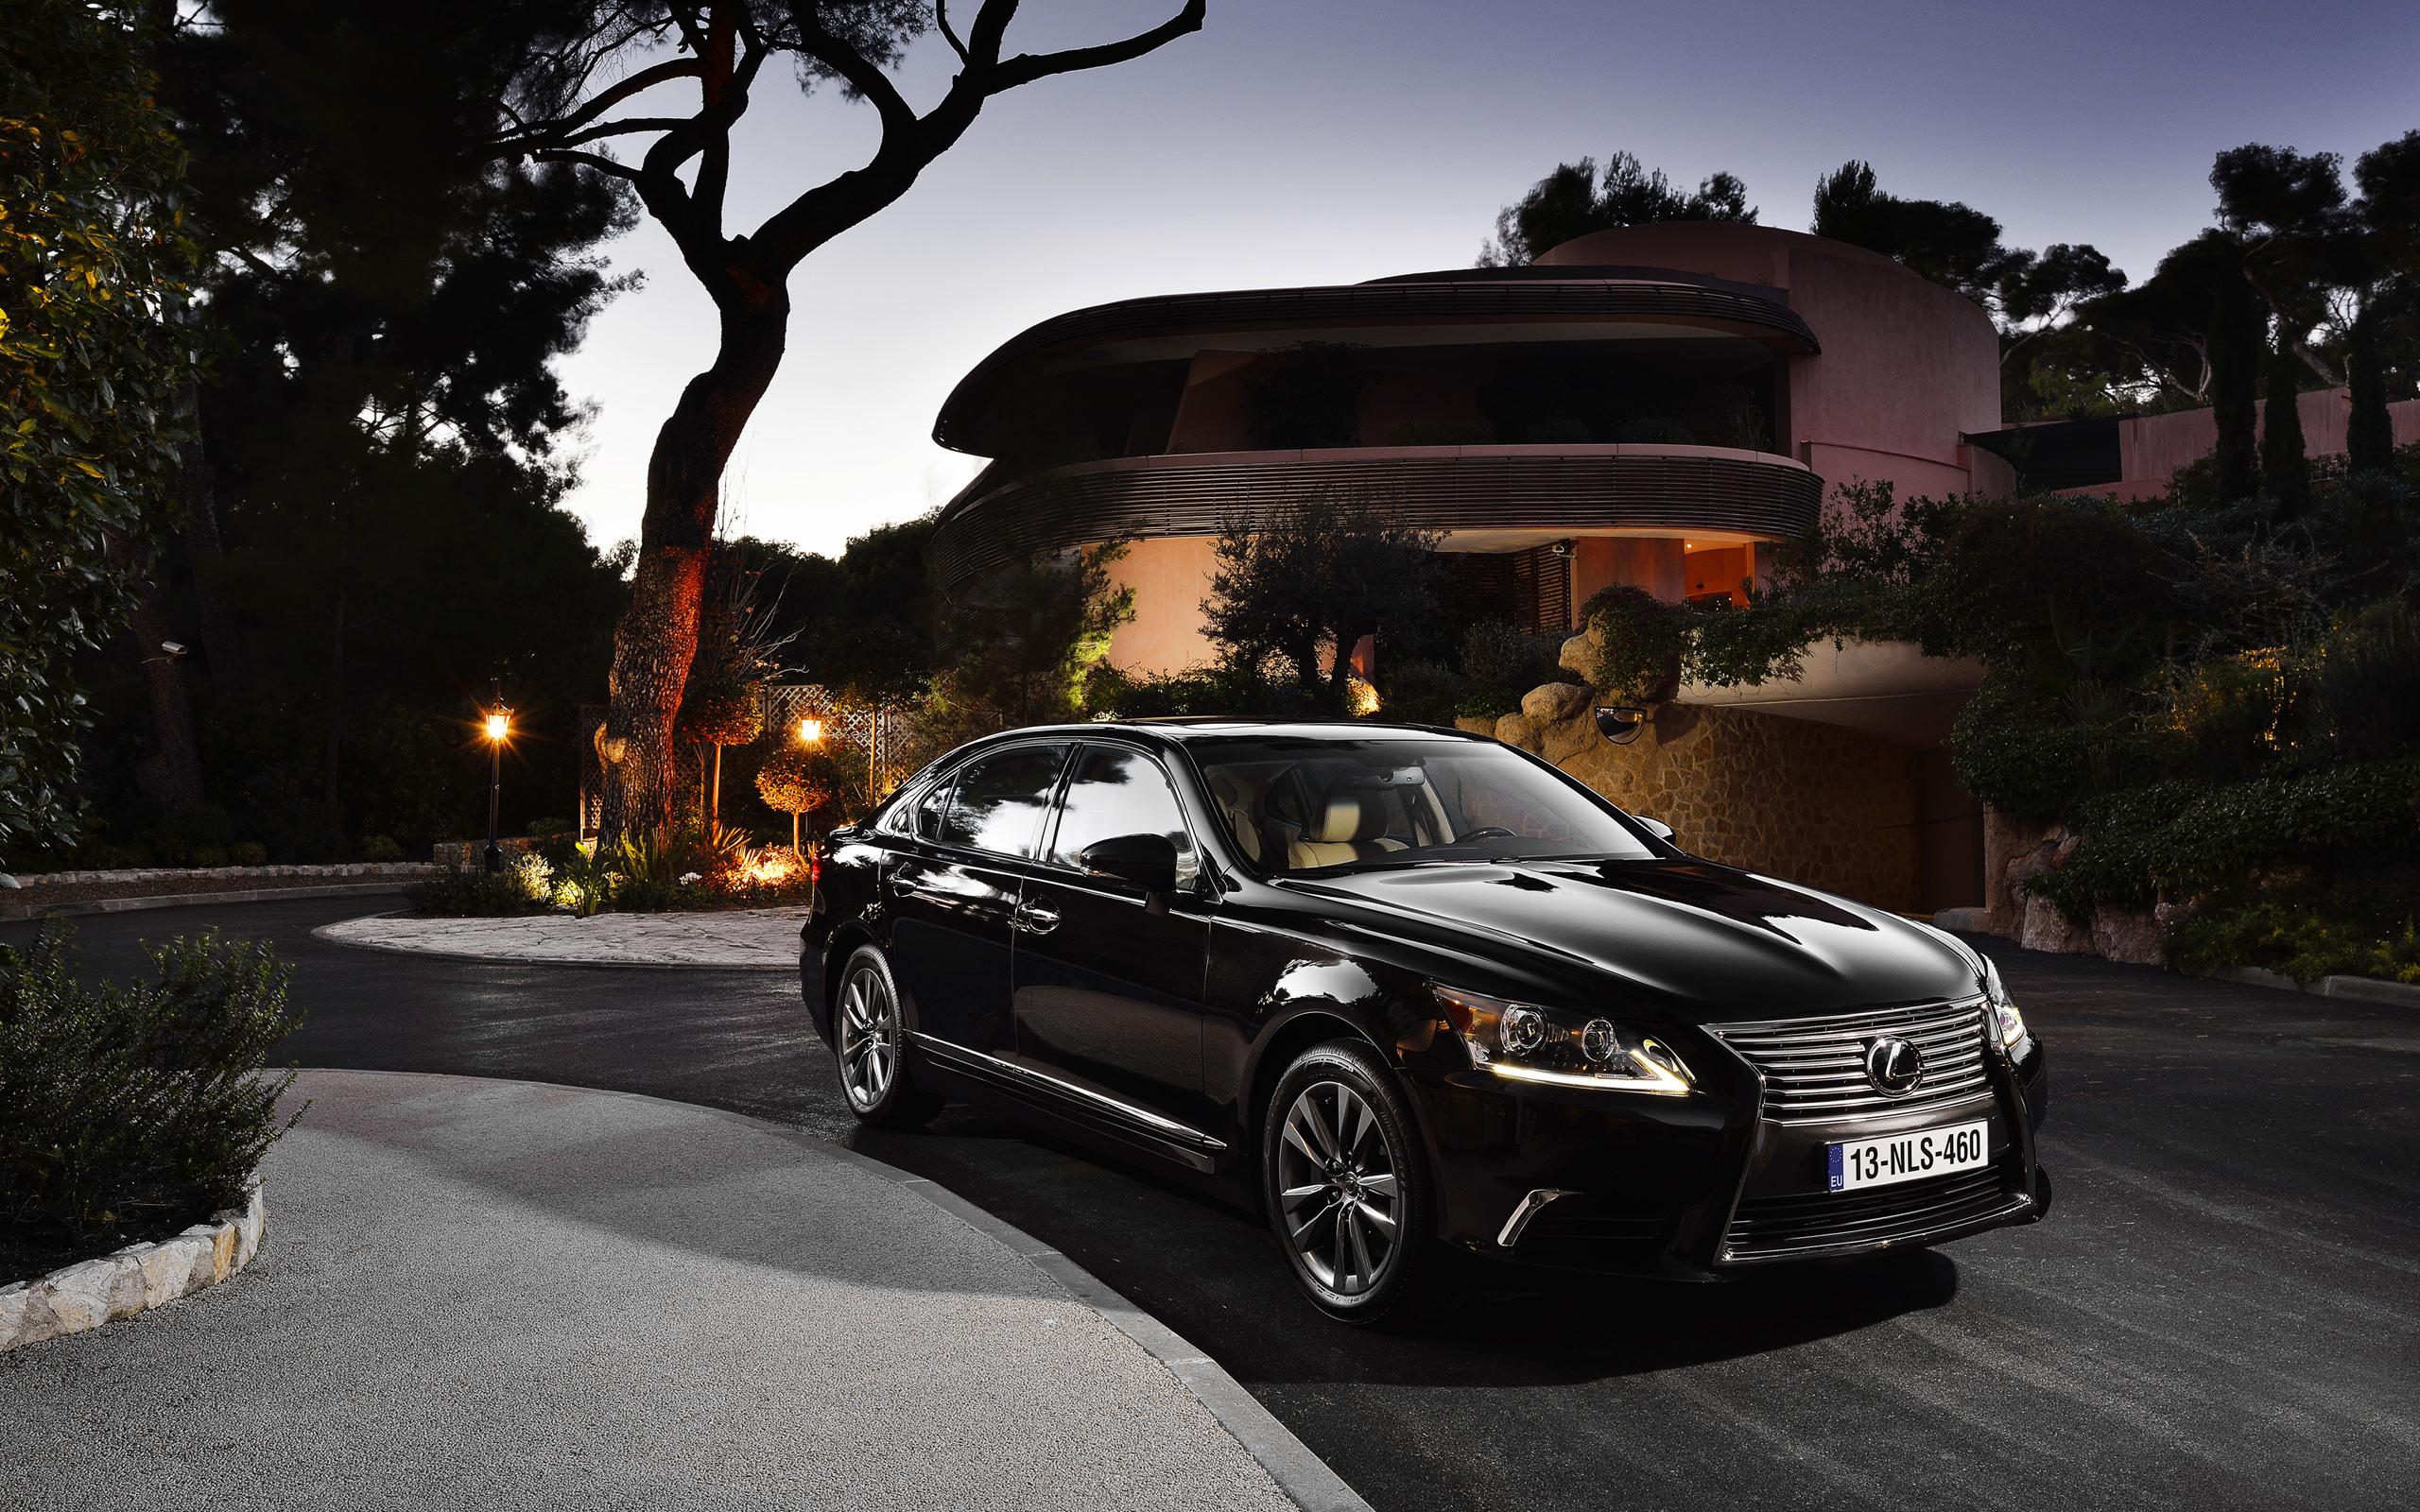 Lexus Wallpaper Hd Wallpapersafari